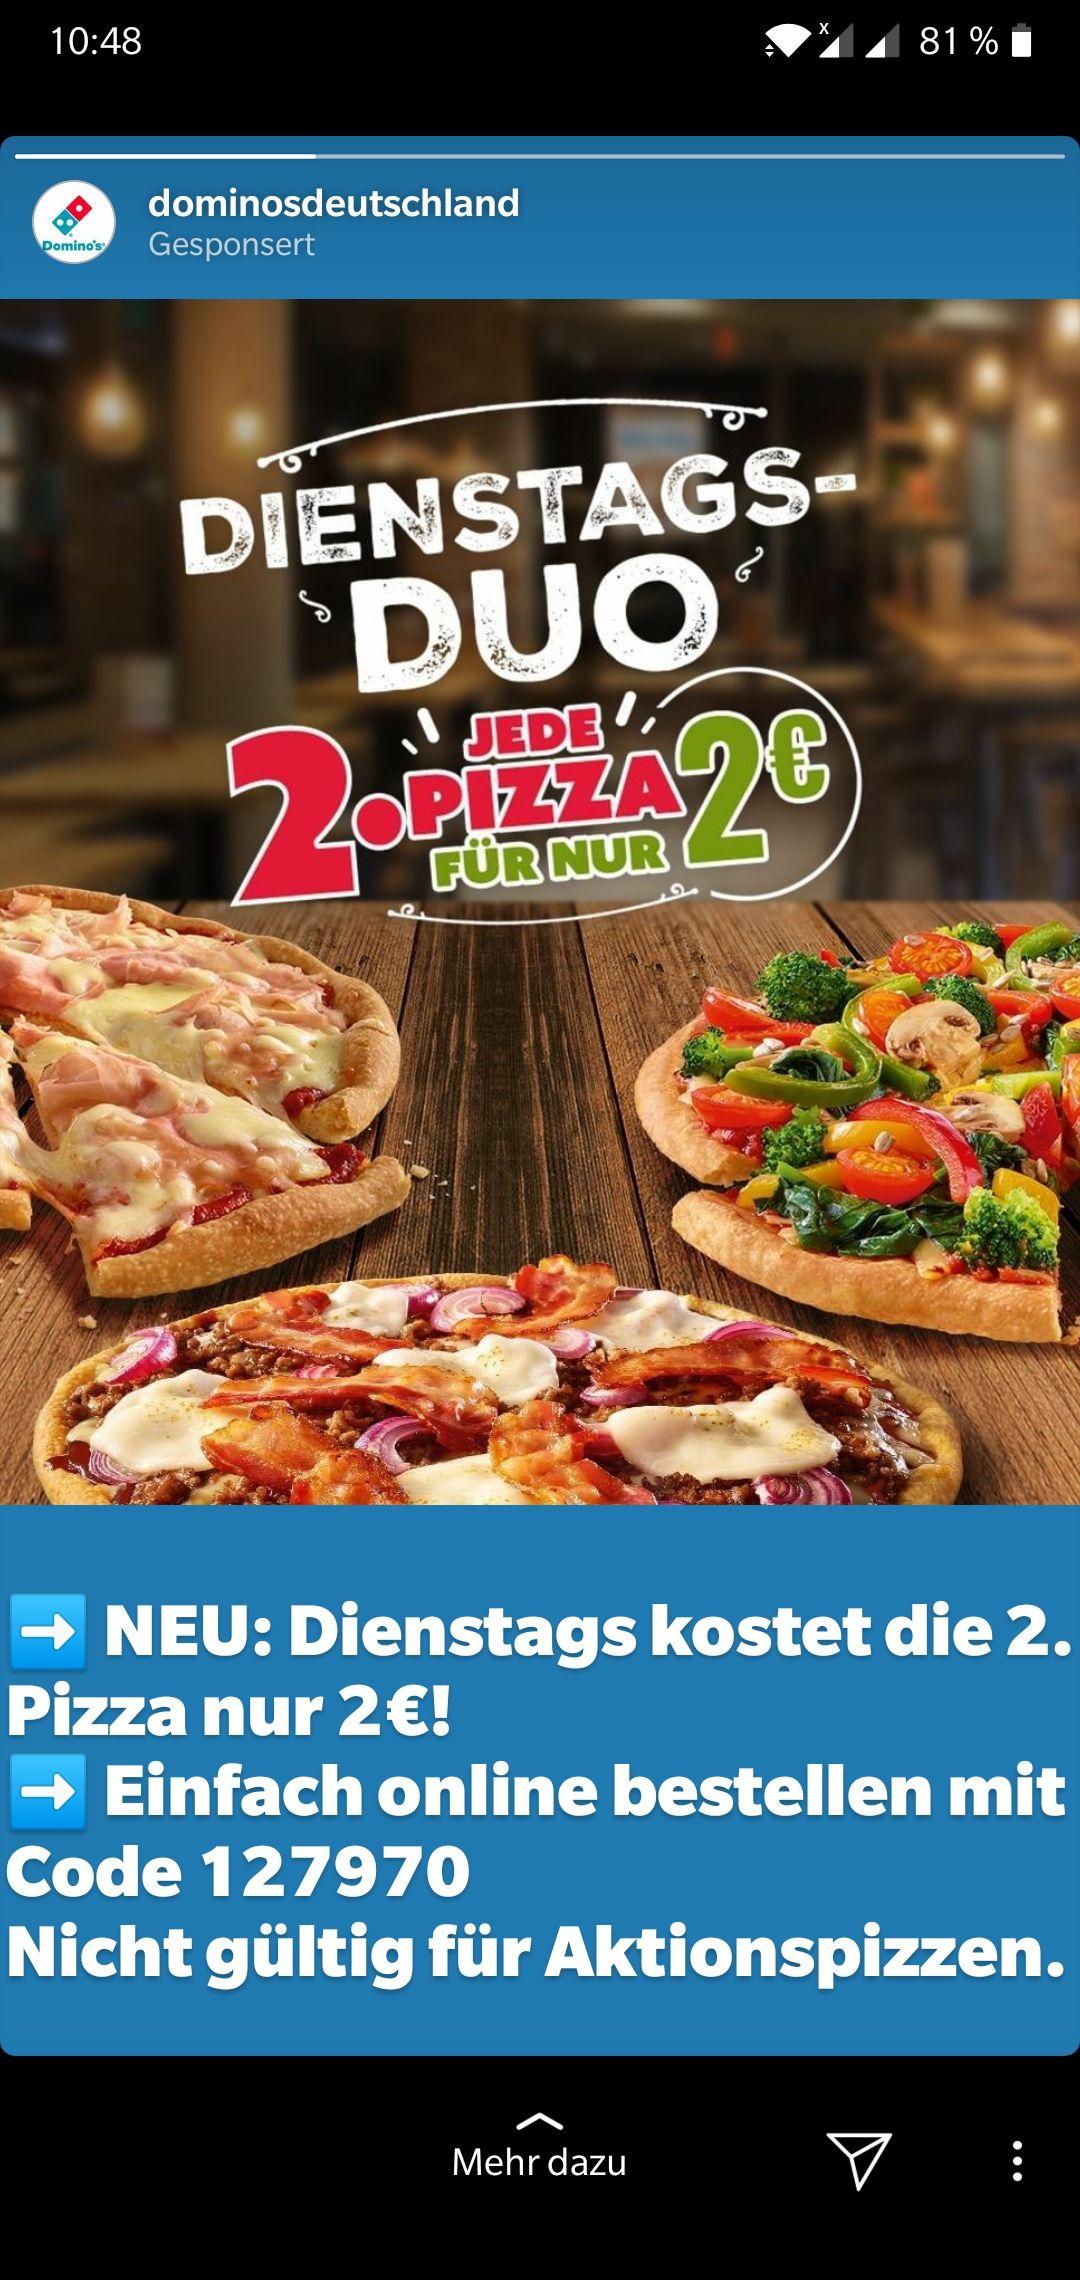 [Dominos Online] 2. Pizza für 2€ am Dienstag (und Mittwoch)